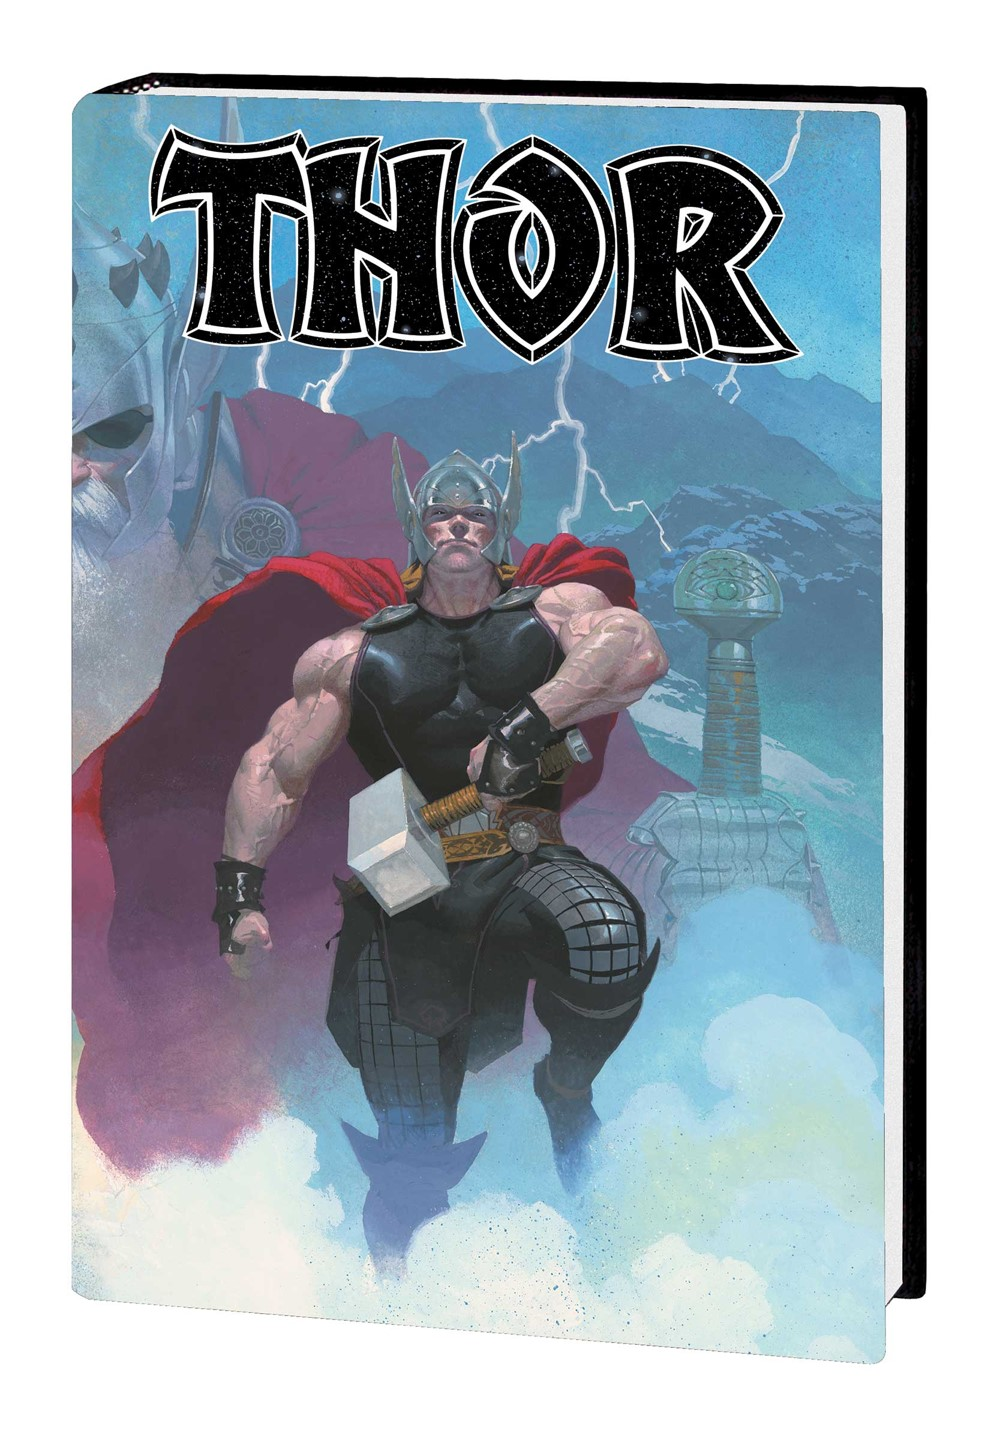 THOR_JA_OMNIBUS_VOL_1_HC_RIBIC Marvel Comics November 2021 Solicitations